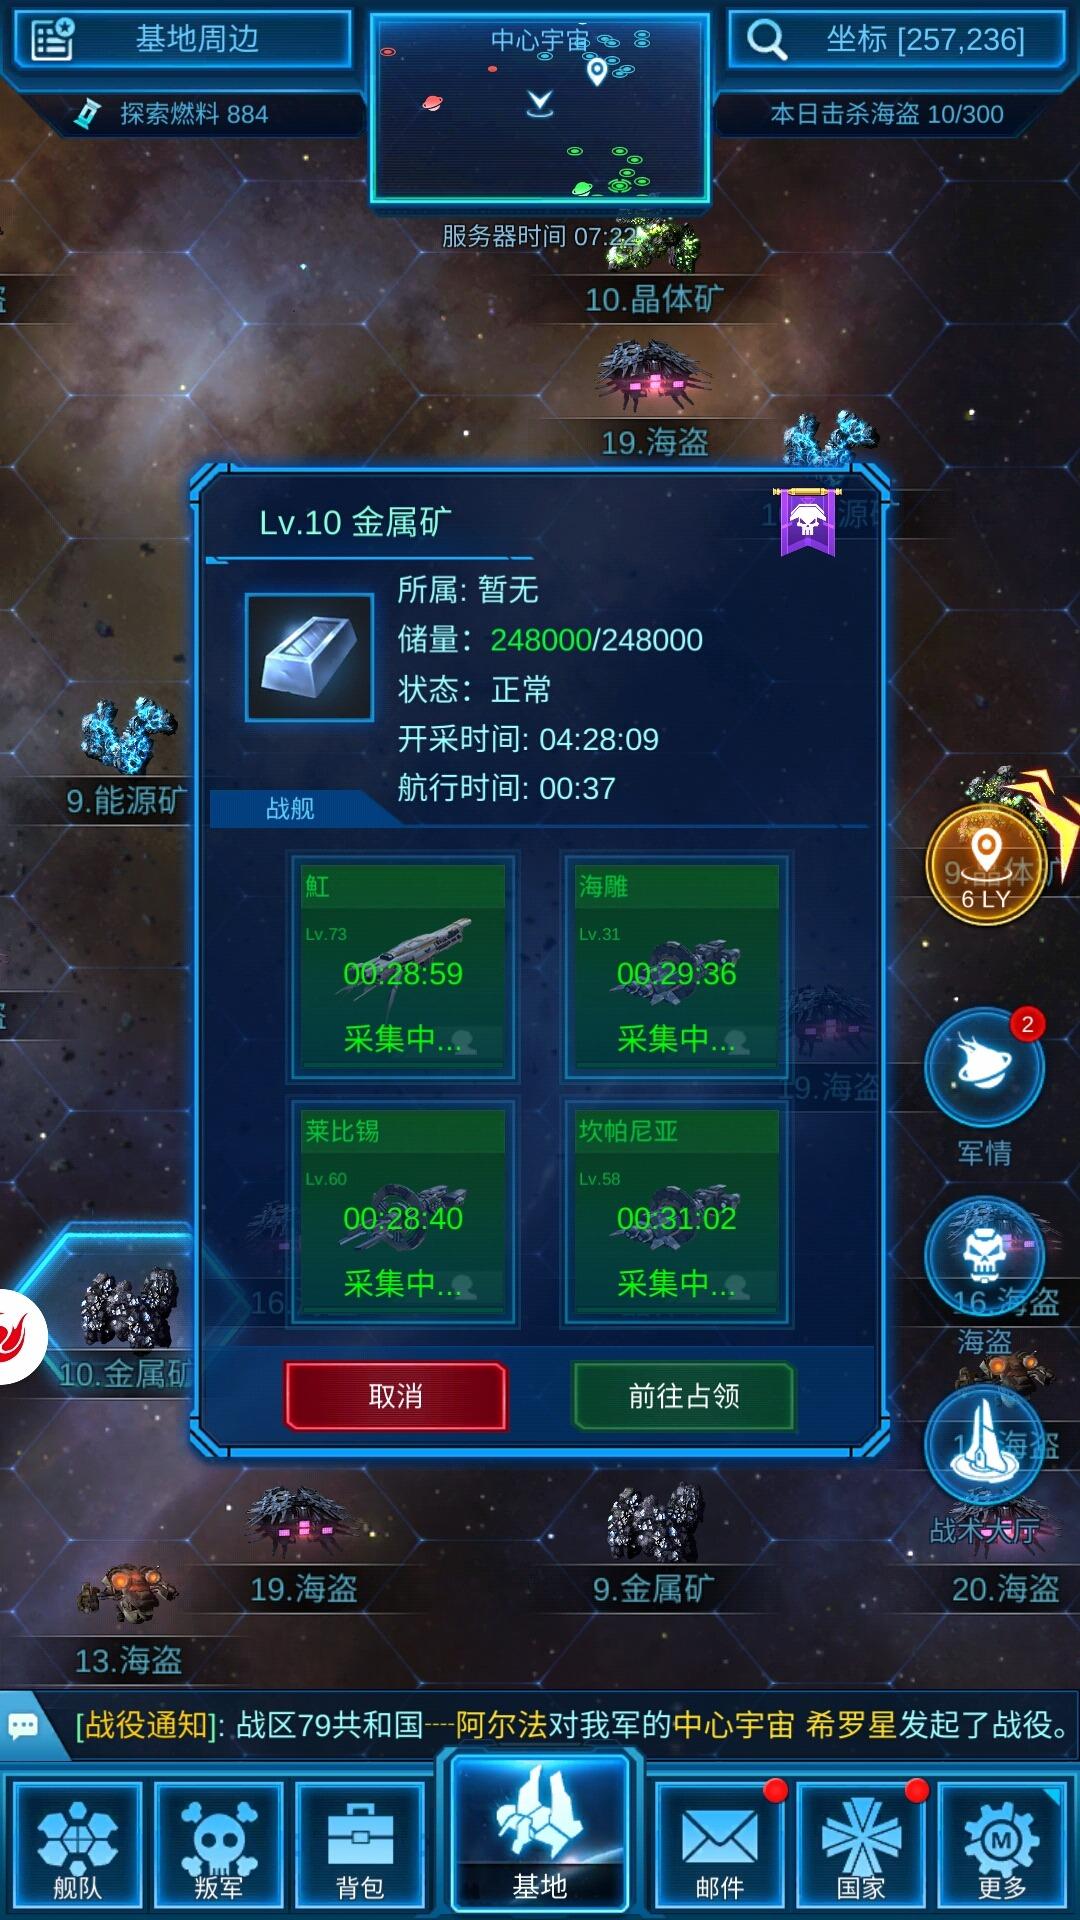 Screenshot_2020-03-23-07-22-51.jpg